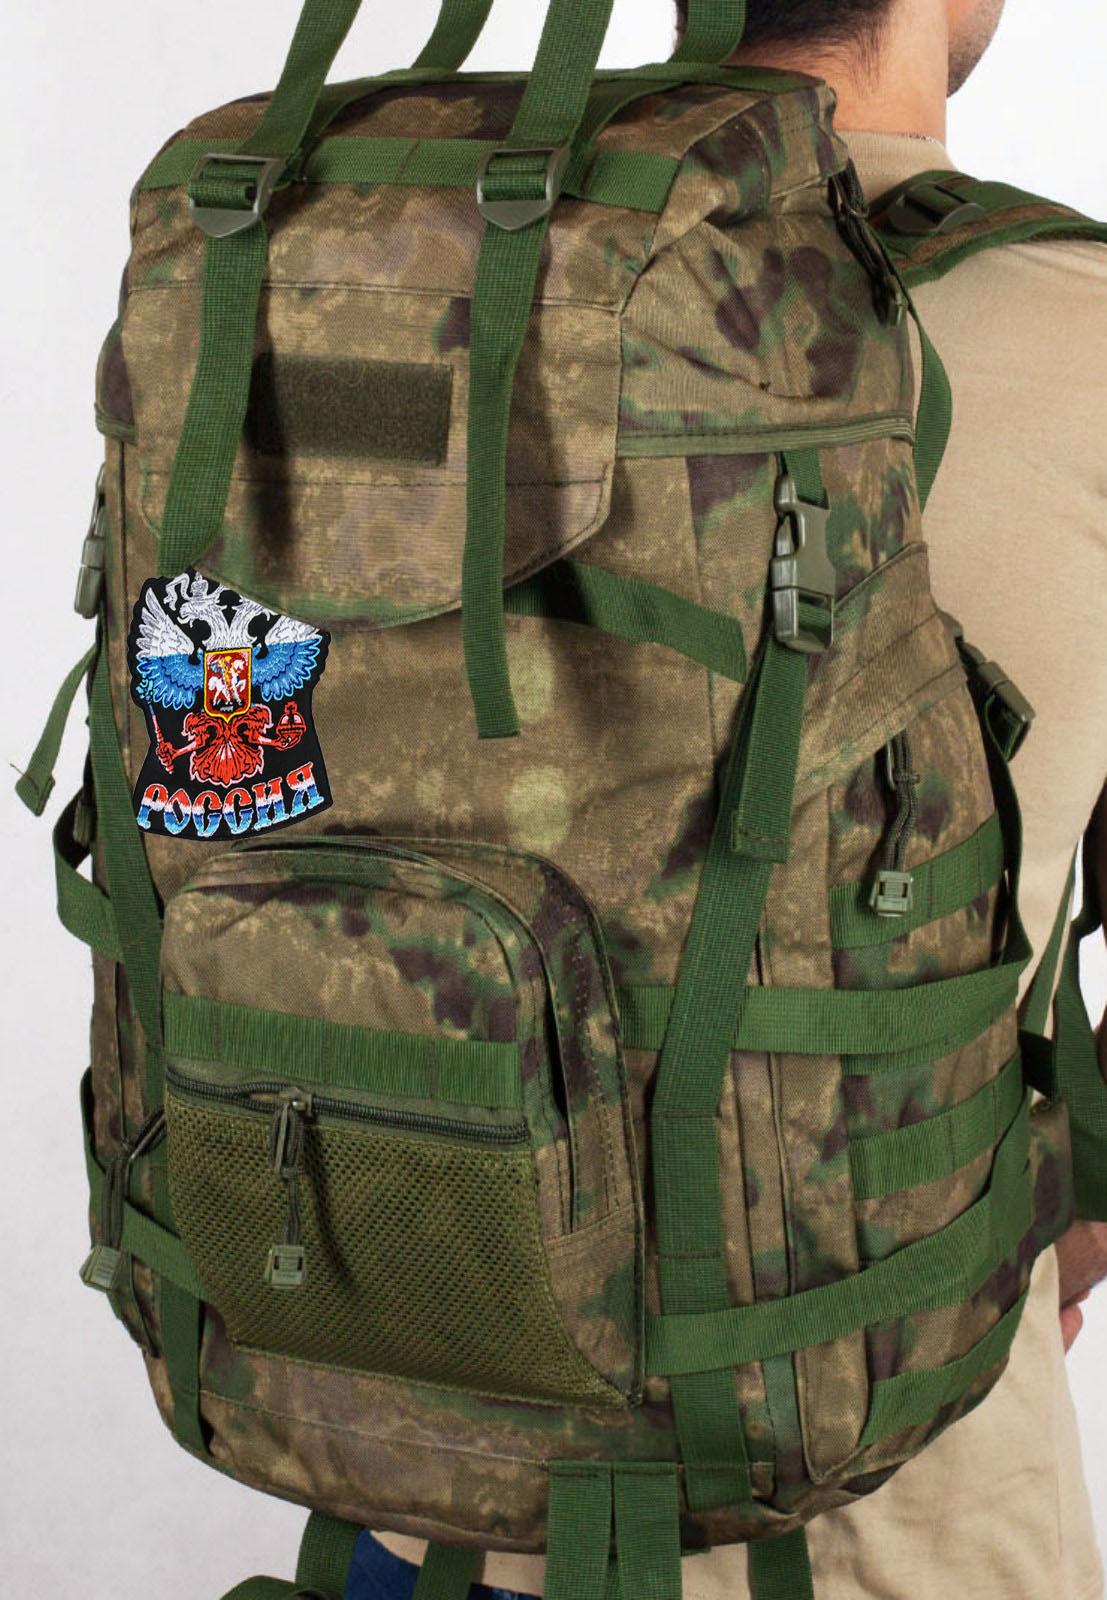 """Армейский походный рюкзак камуфляж A-TACS FG с эмблемой """"Россия"""""""